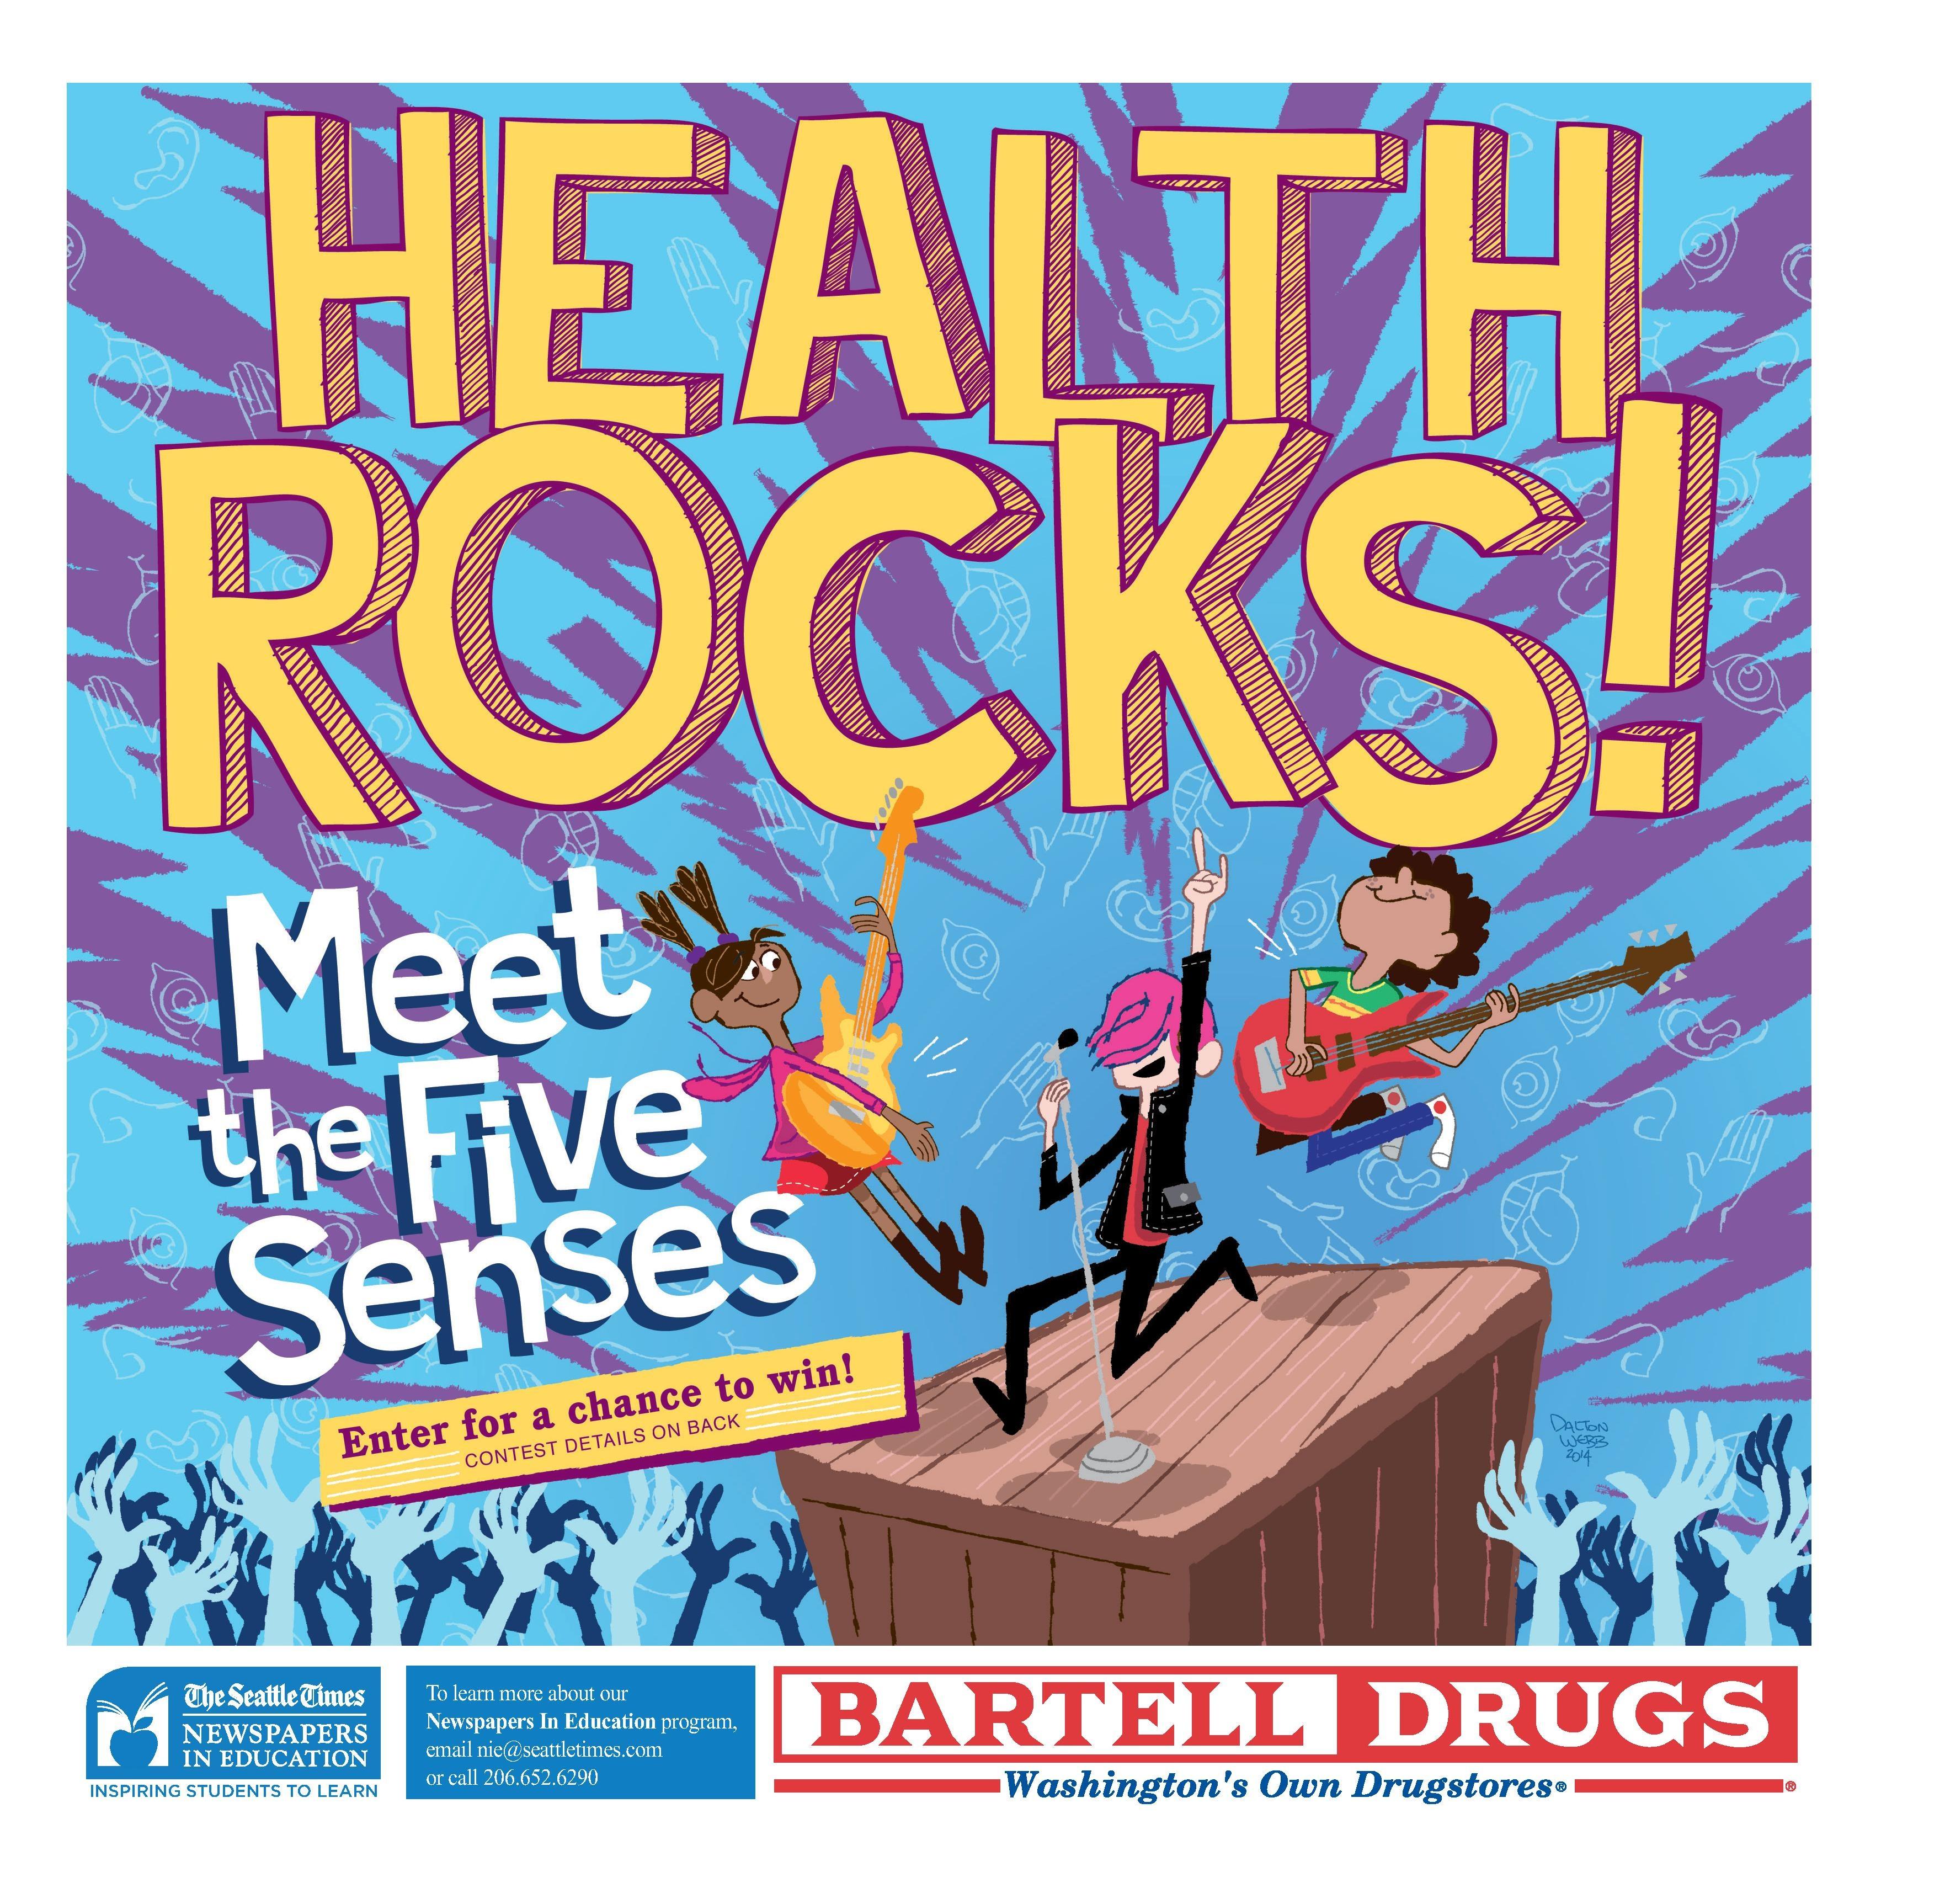 Bartell Drugs' sponsored Health Rocks ta